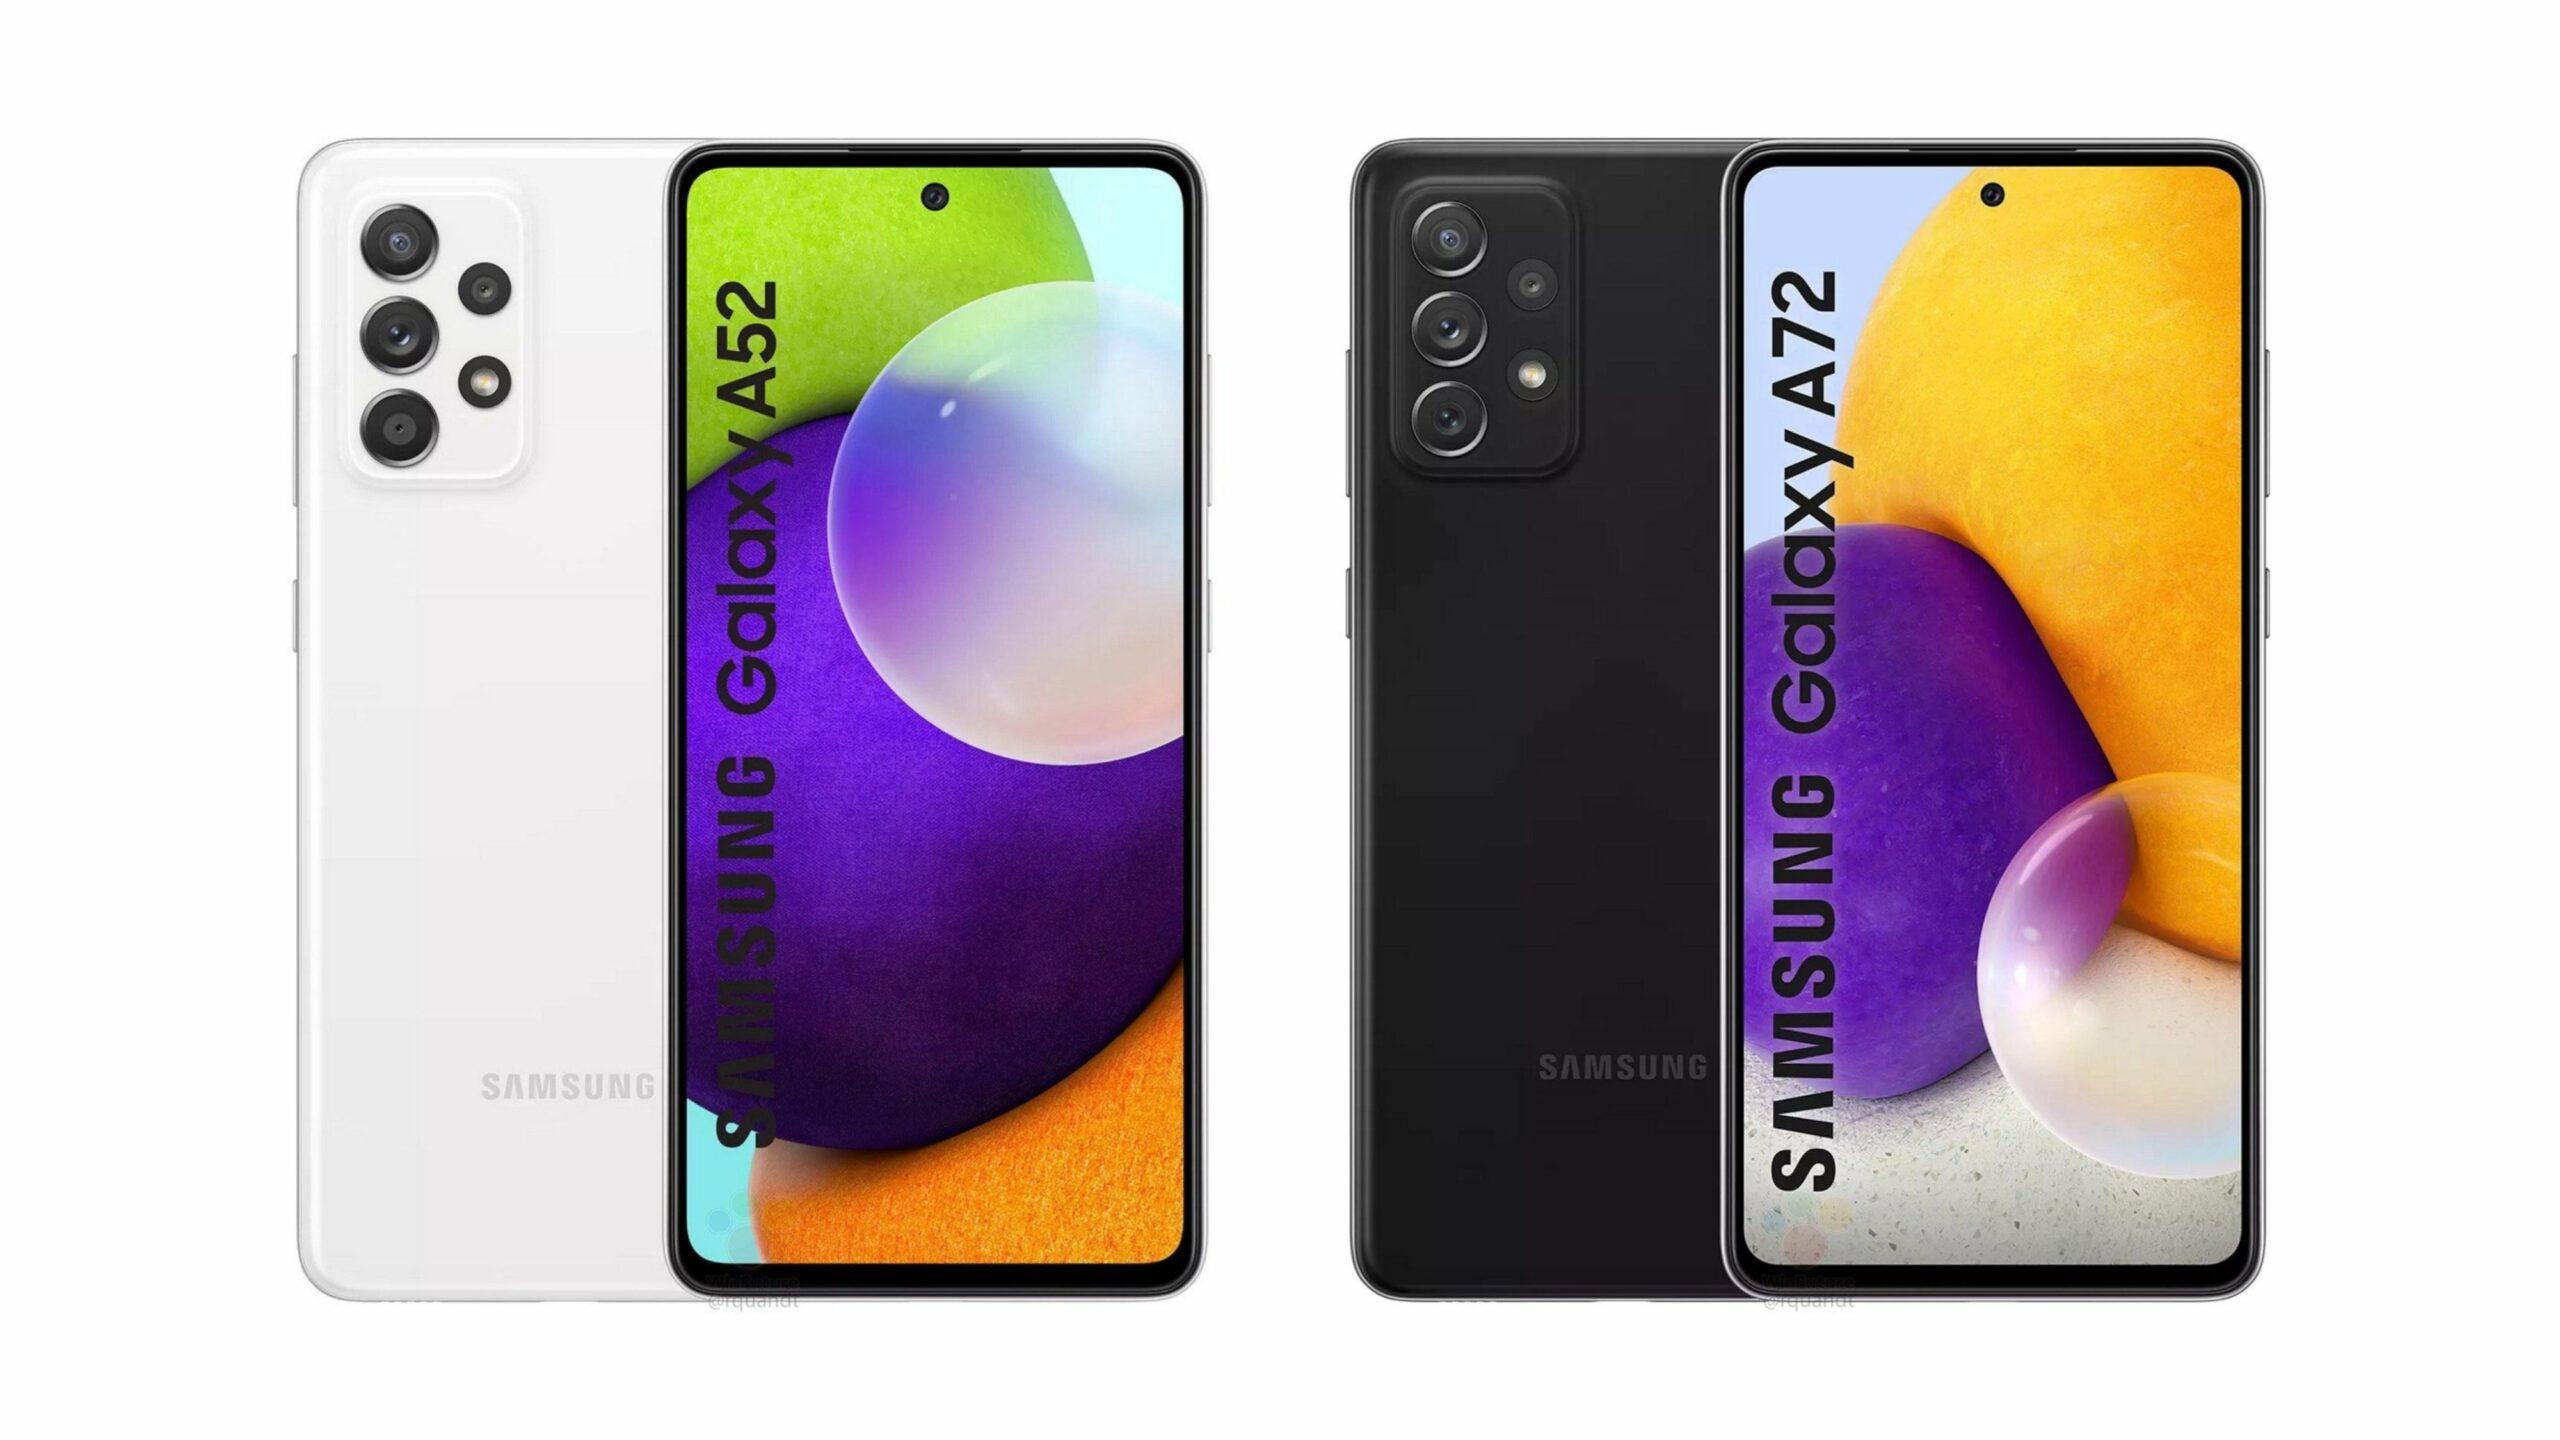 Samsung Galaxy A52 A72 Render Leak